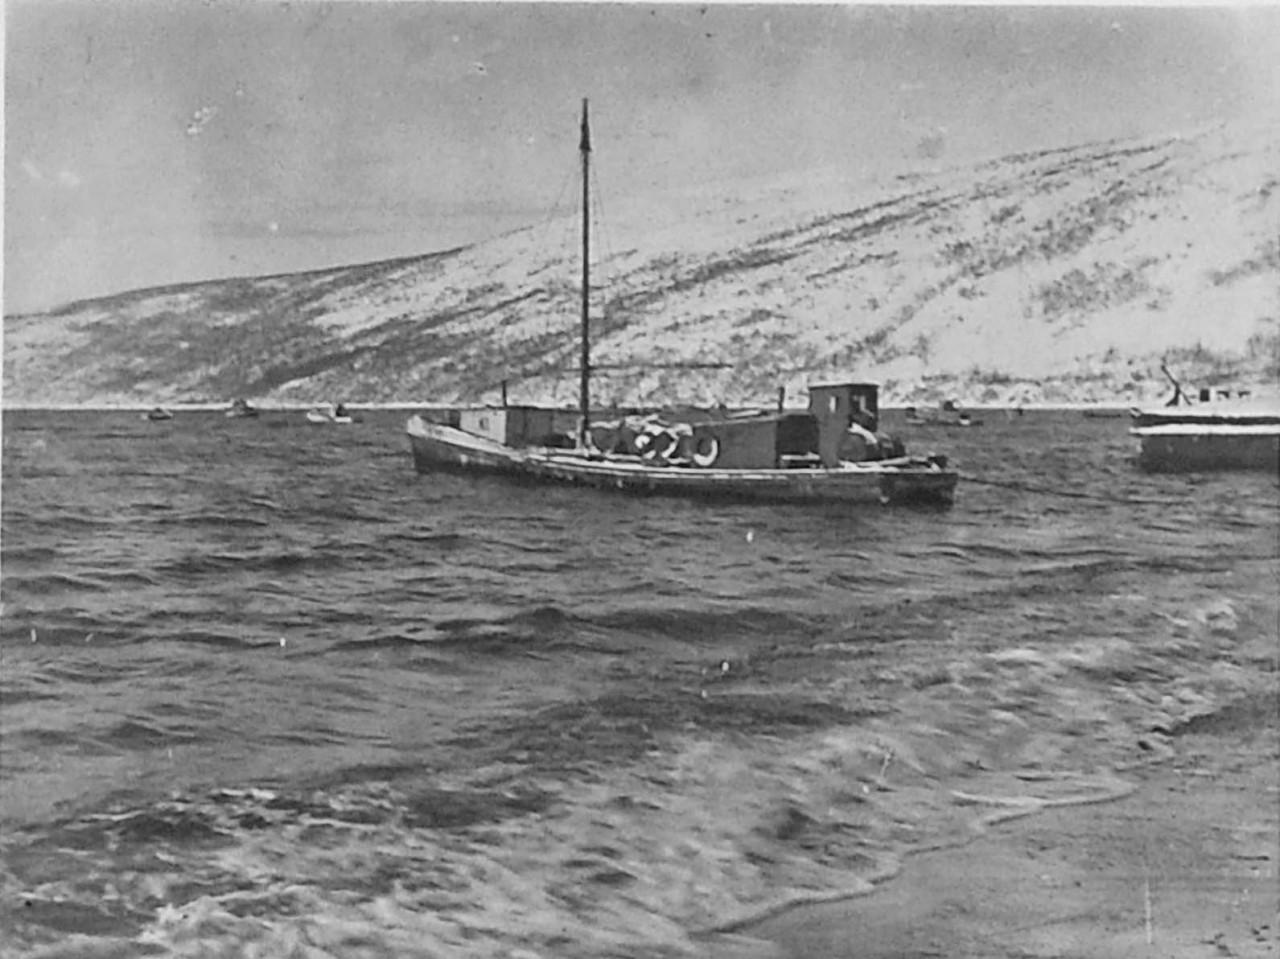 Кавасаки «Тайгонос» в бухте Нагаева. 1932 год.